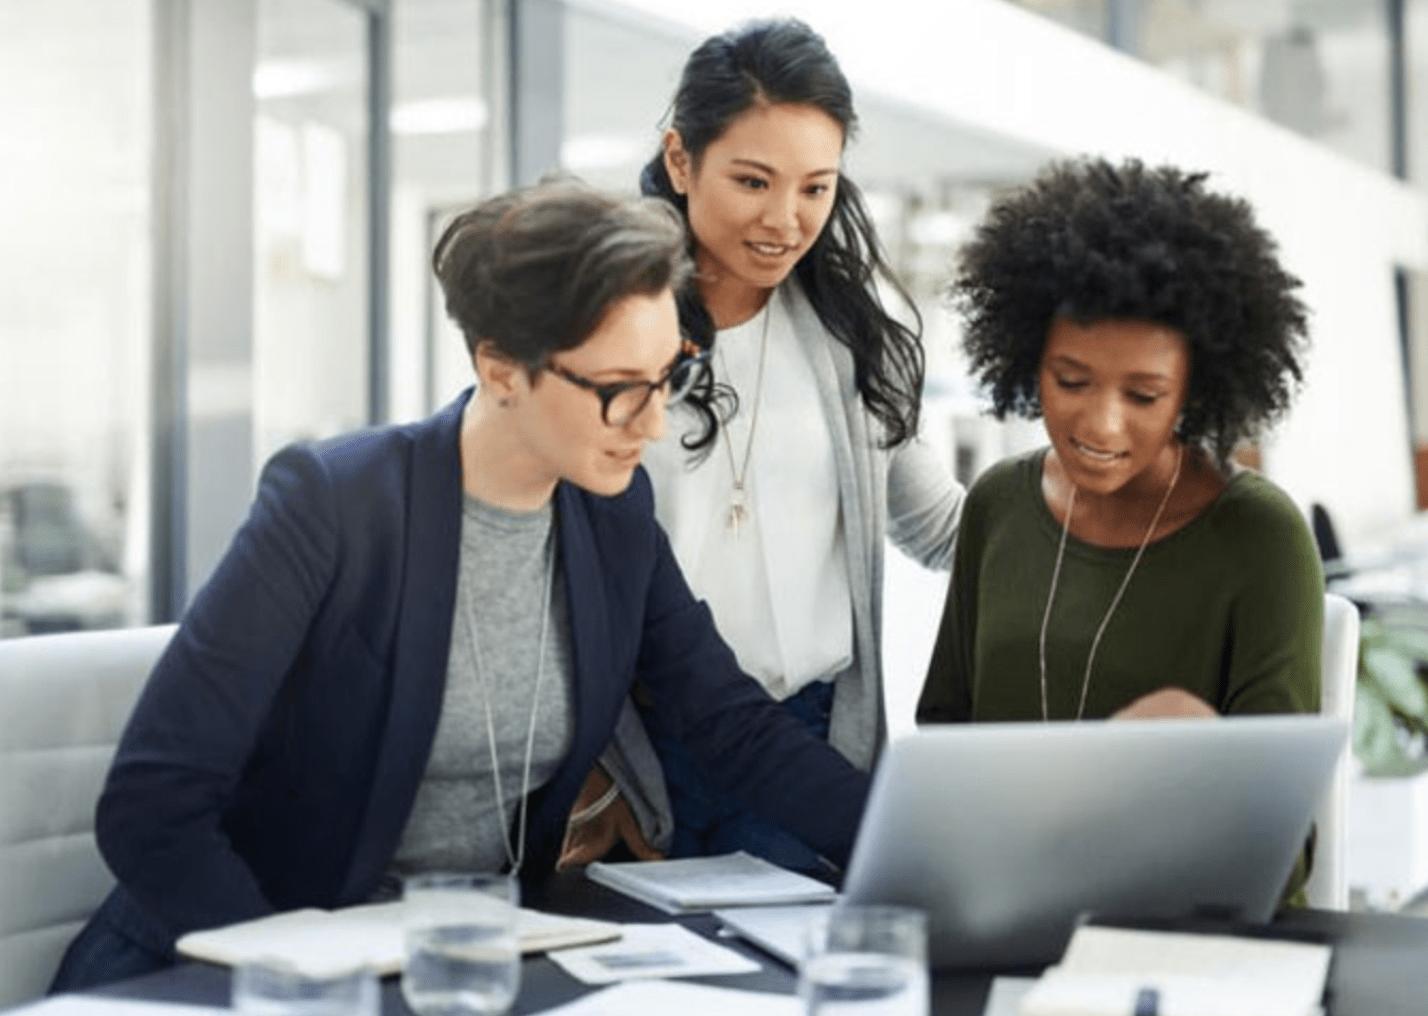 5 Financial Priorities For Women